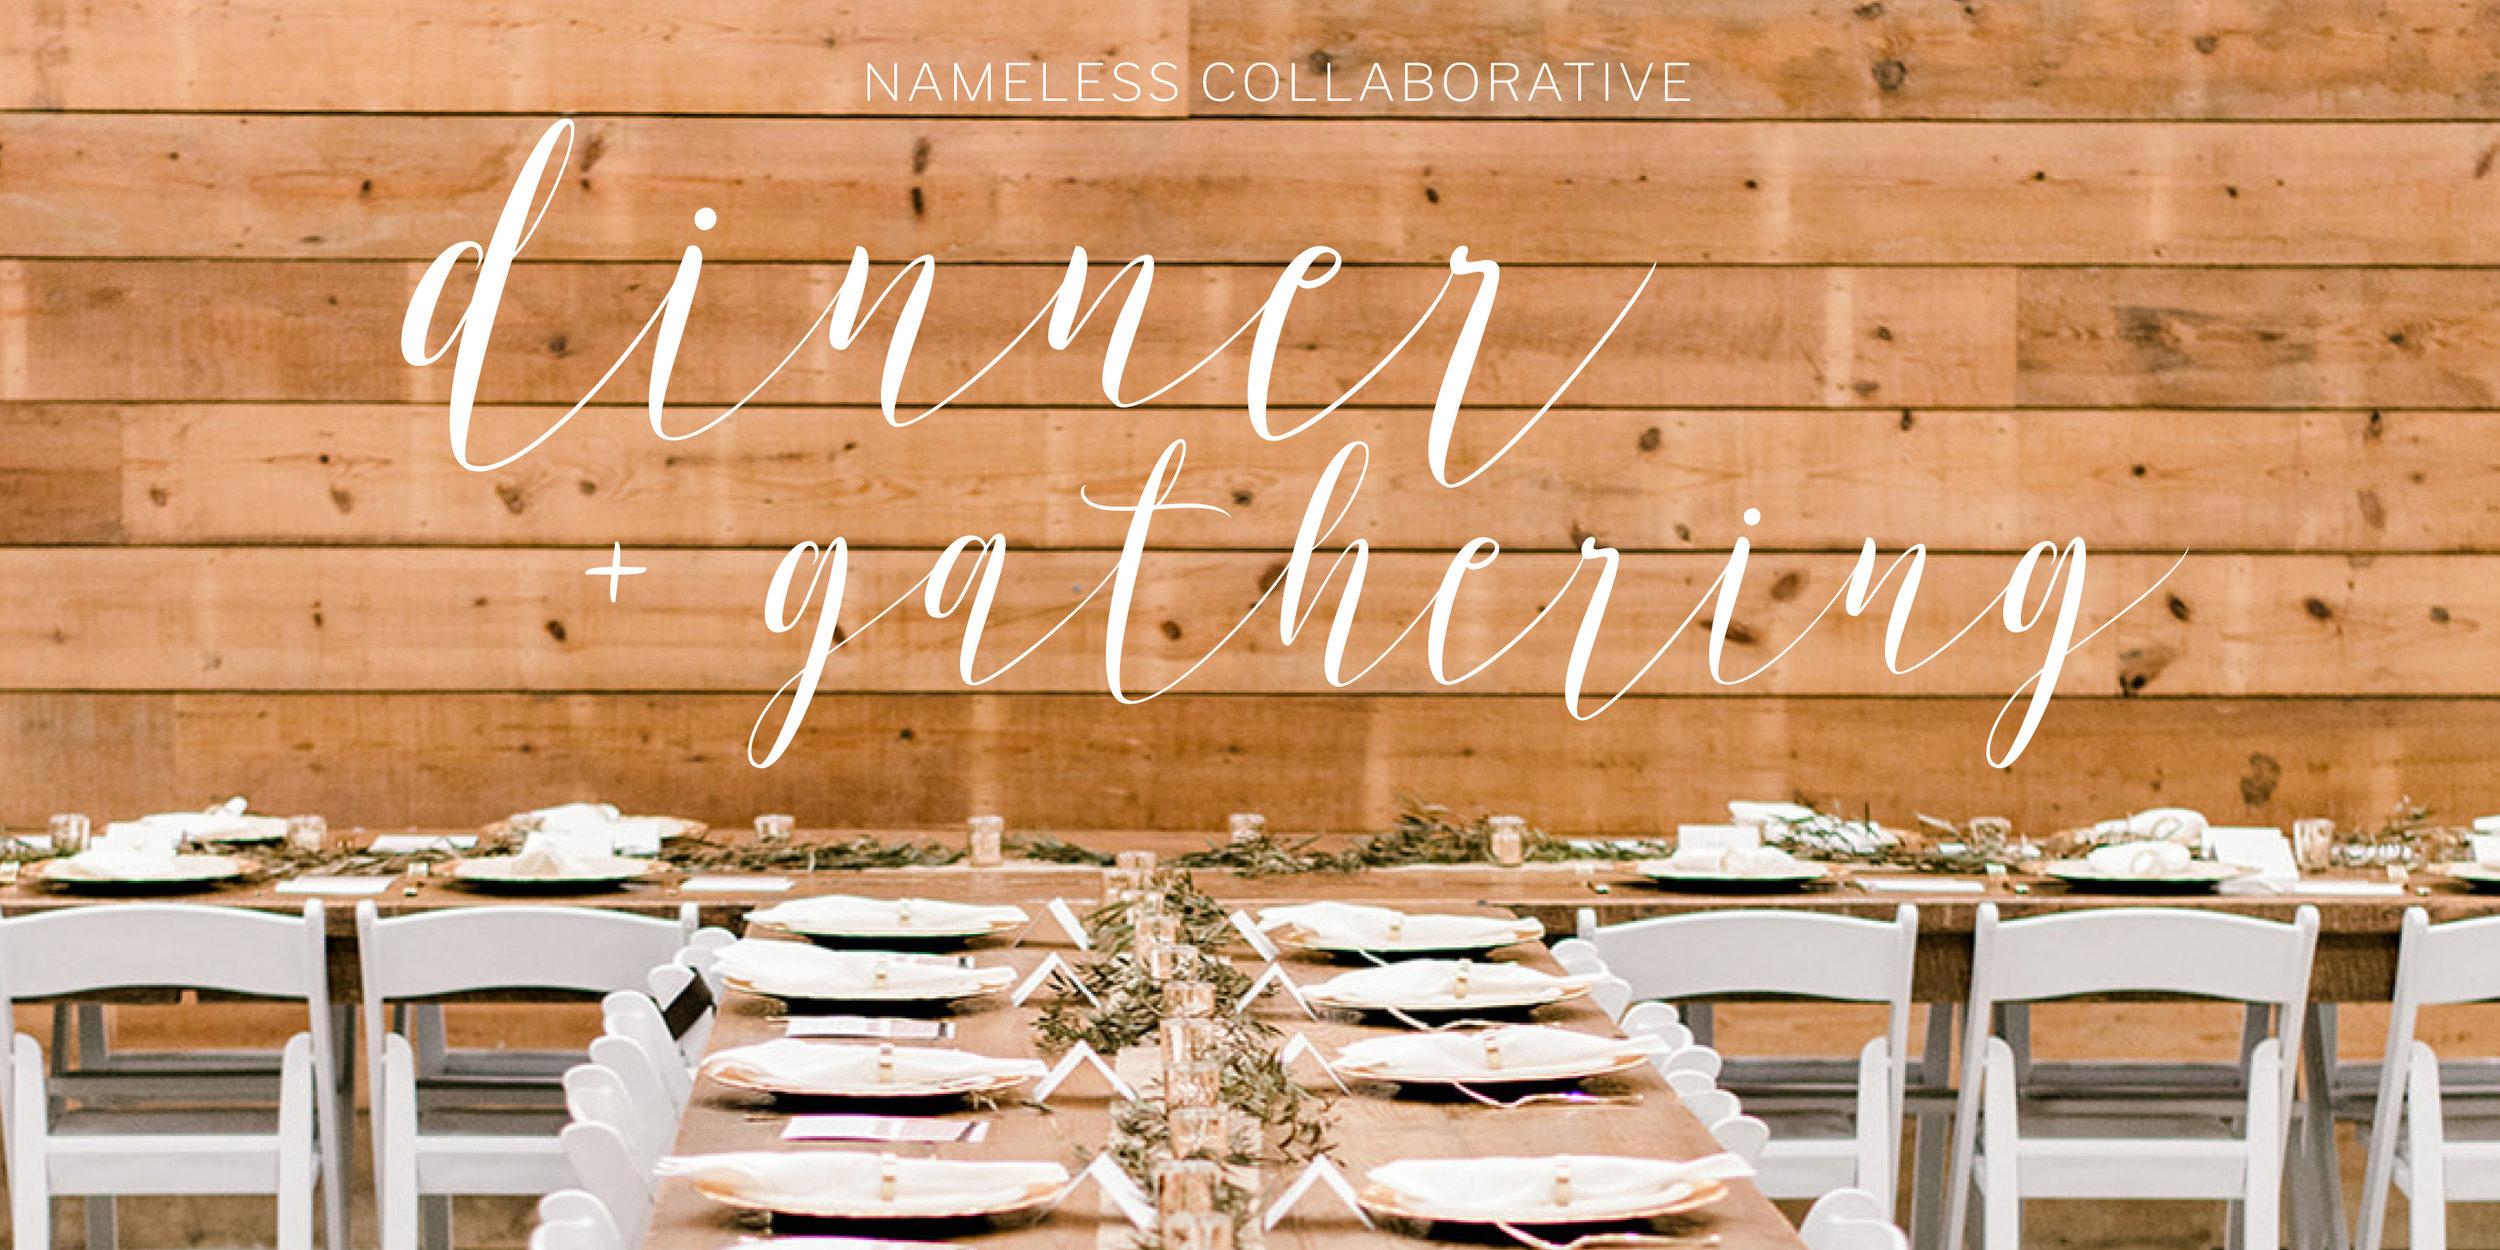 Nameless_DinnerGathering_Header.jpg